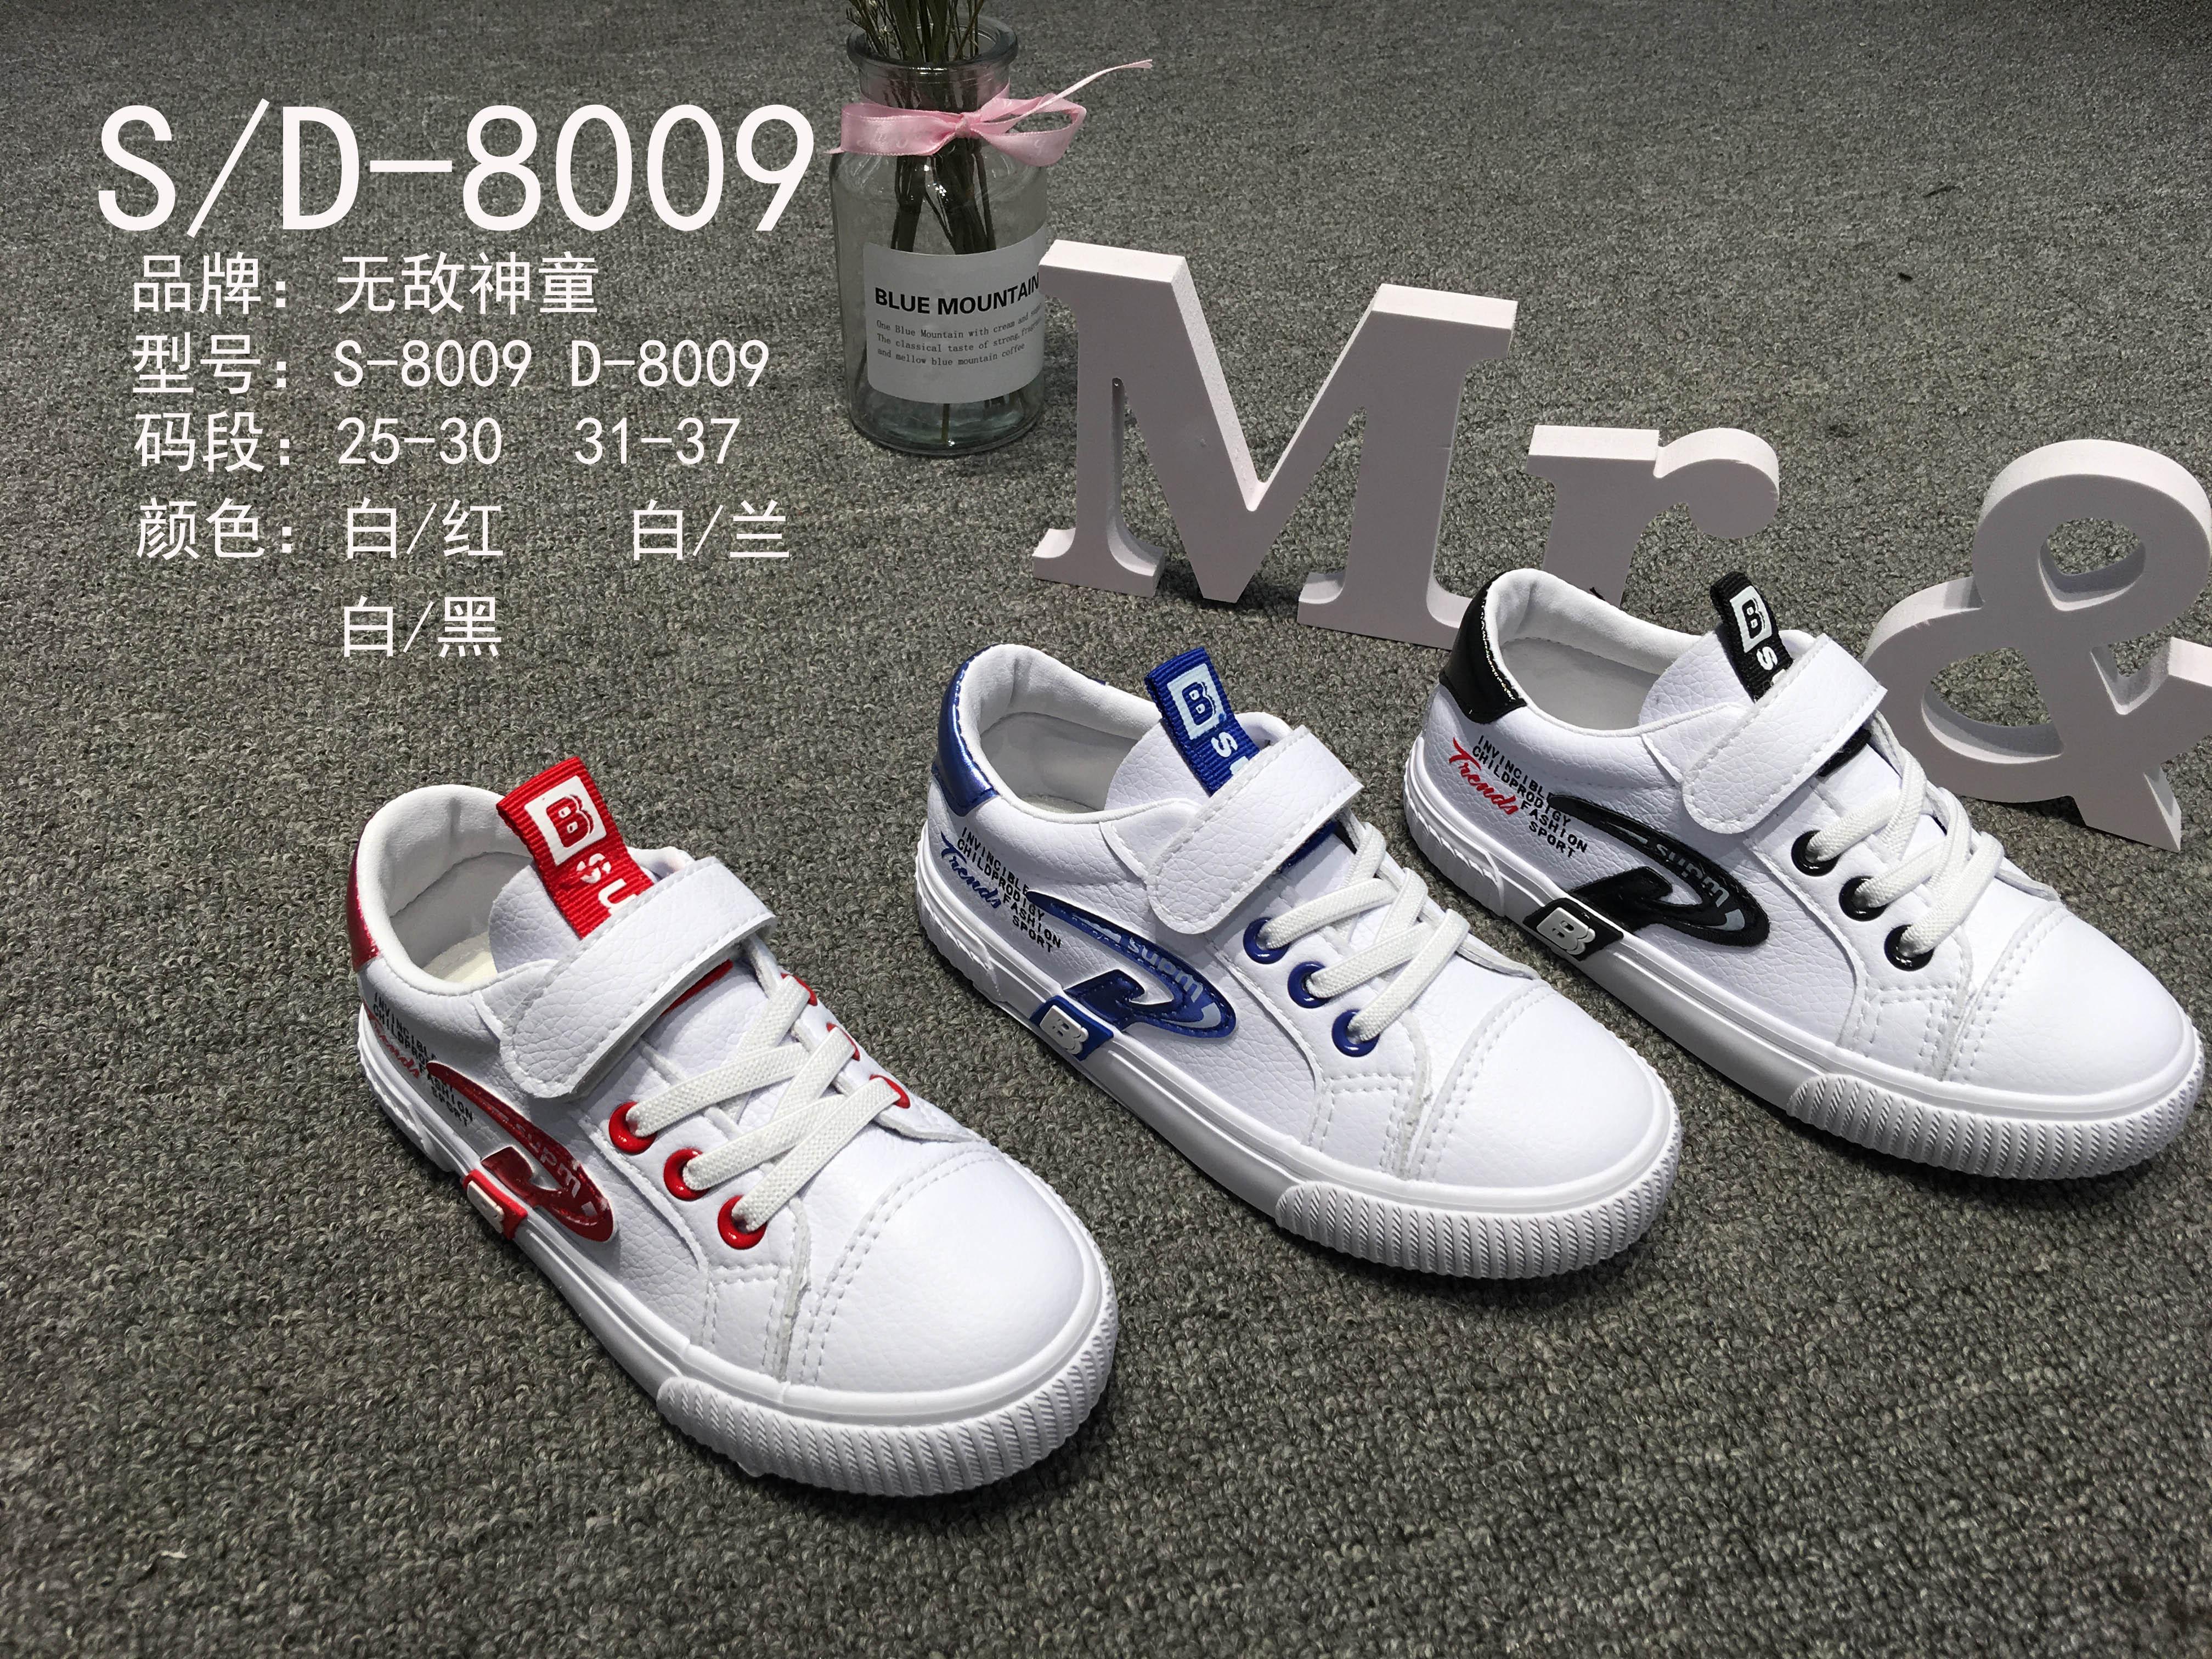 S-D-8009